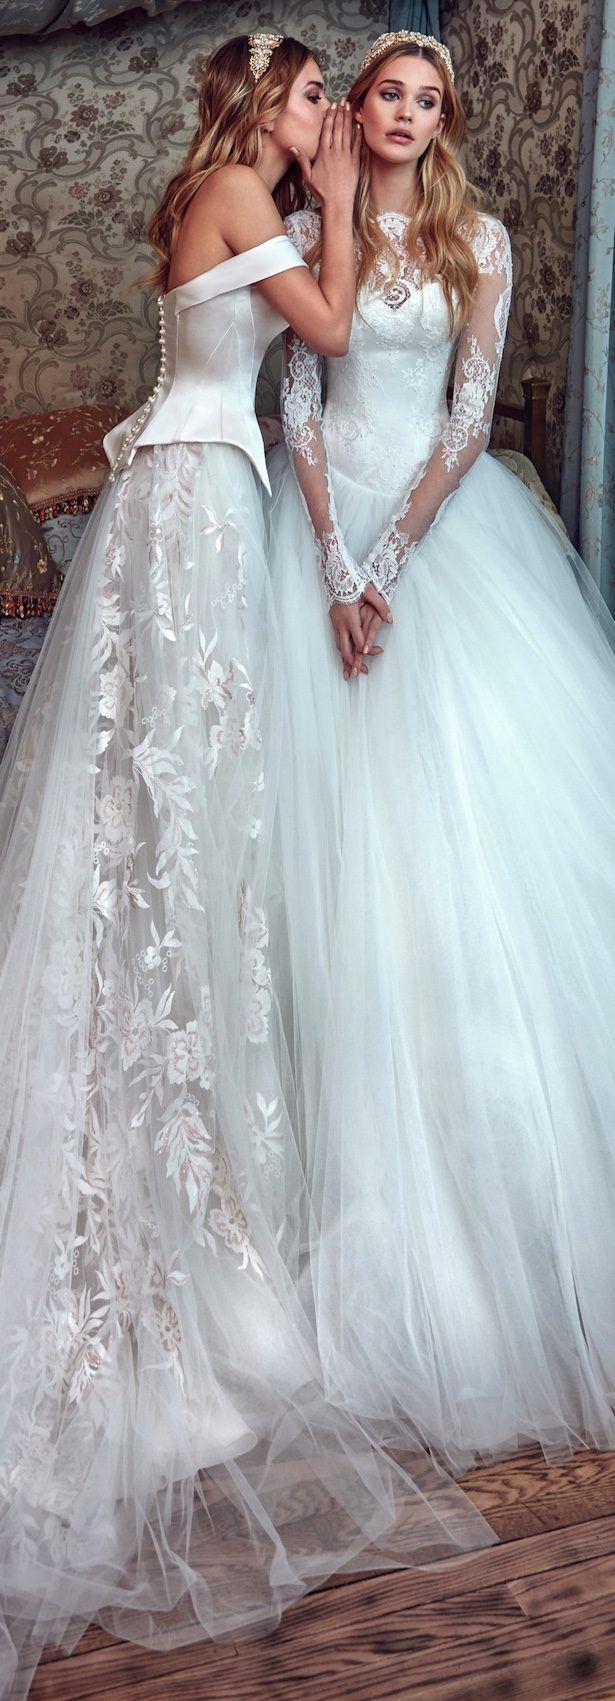 240 best Dream Wedding~I Wanna Do-Over images on Pinterest | Flower ...